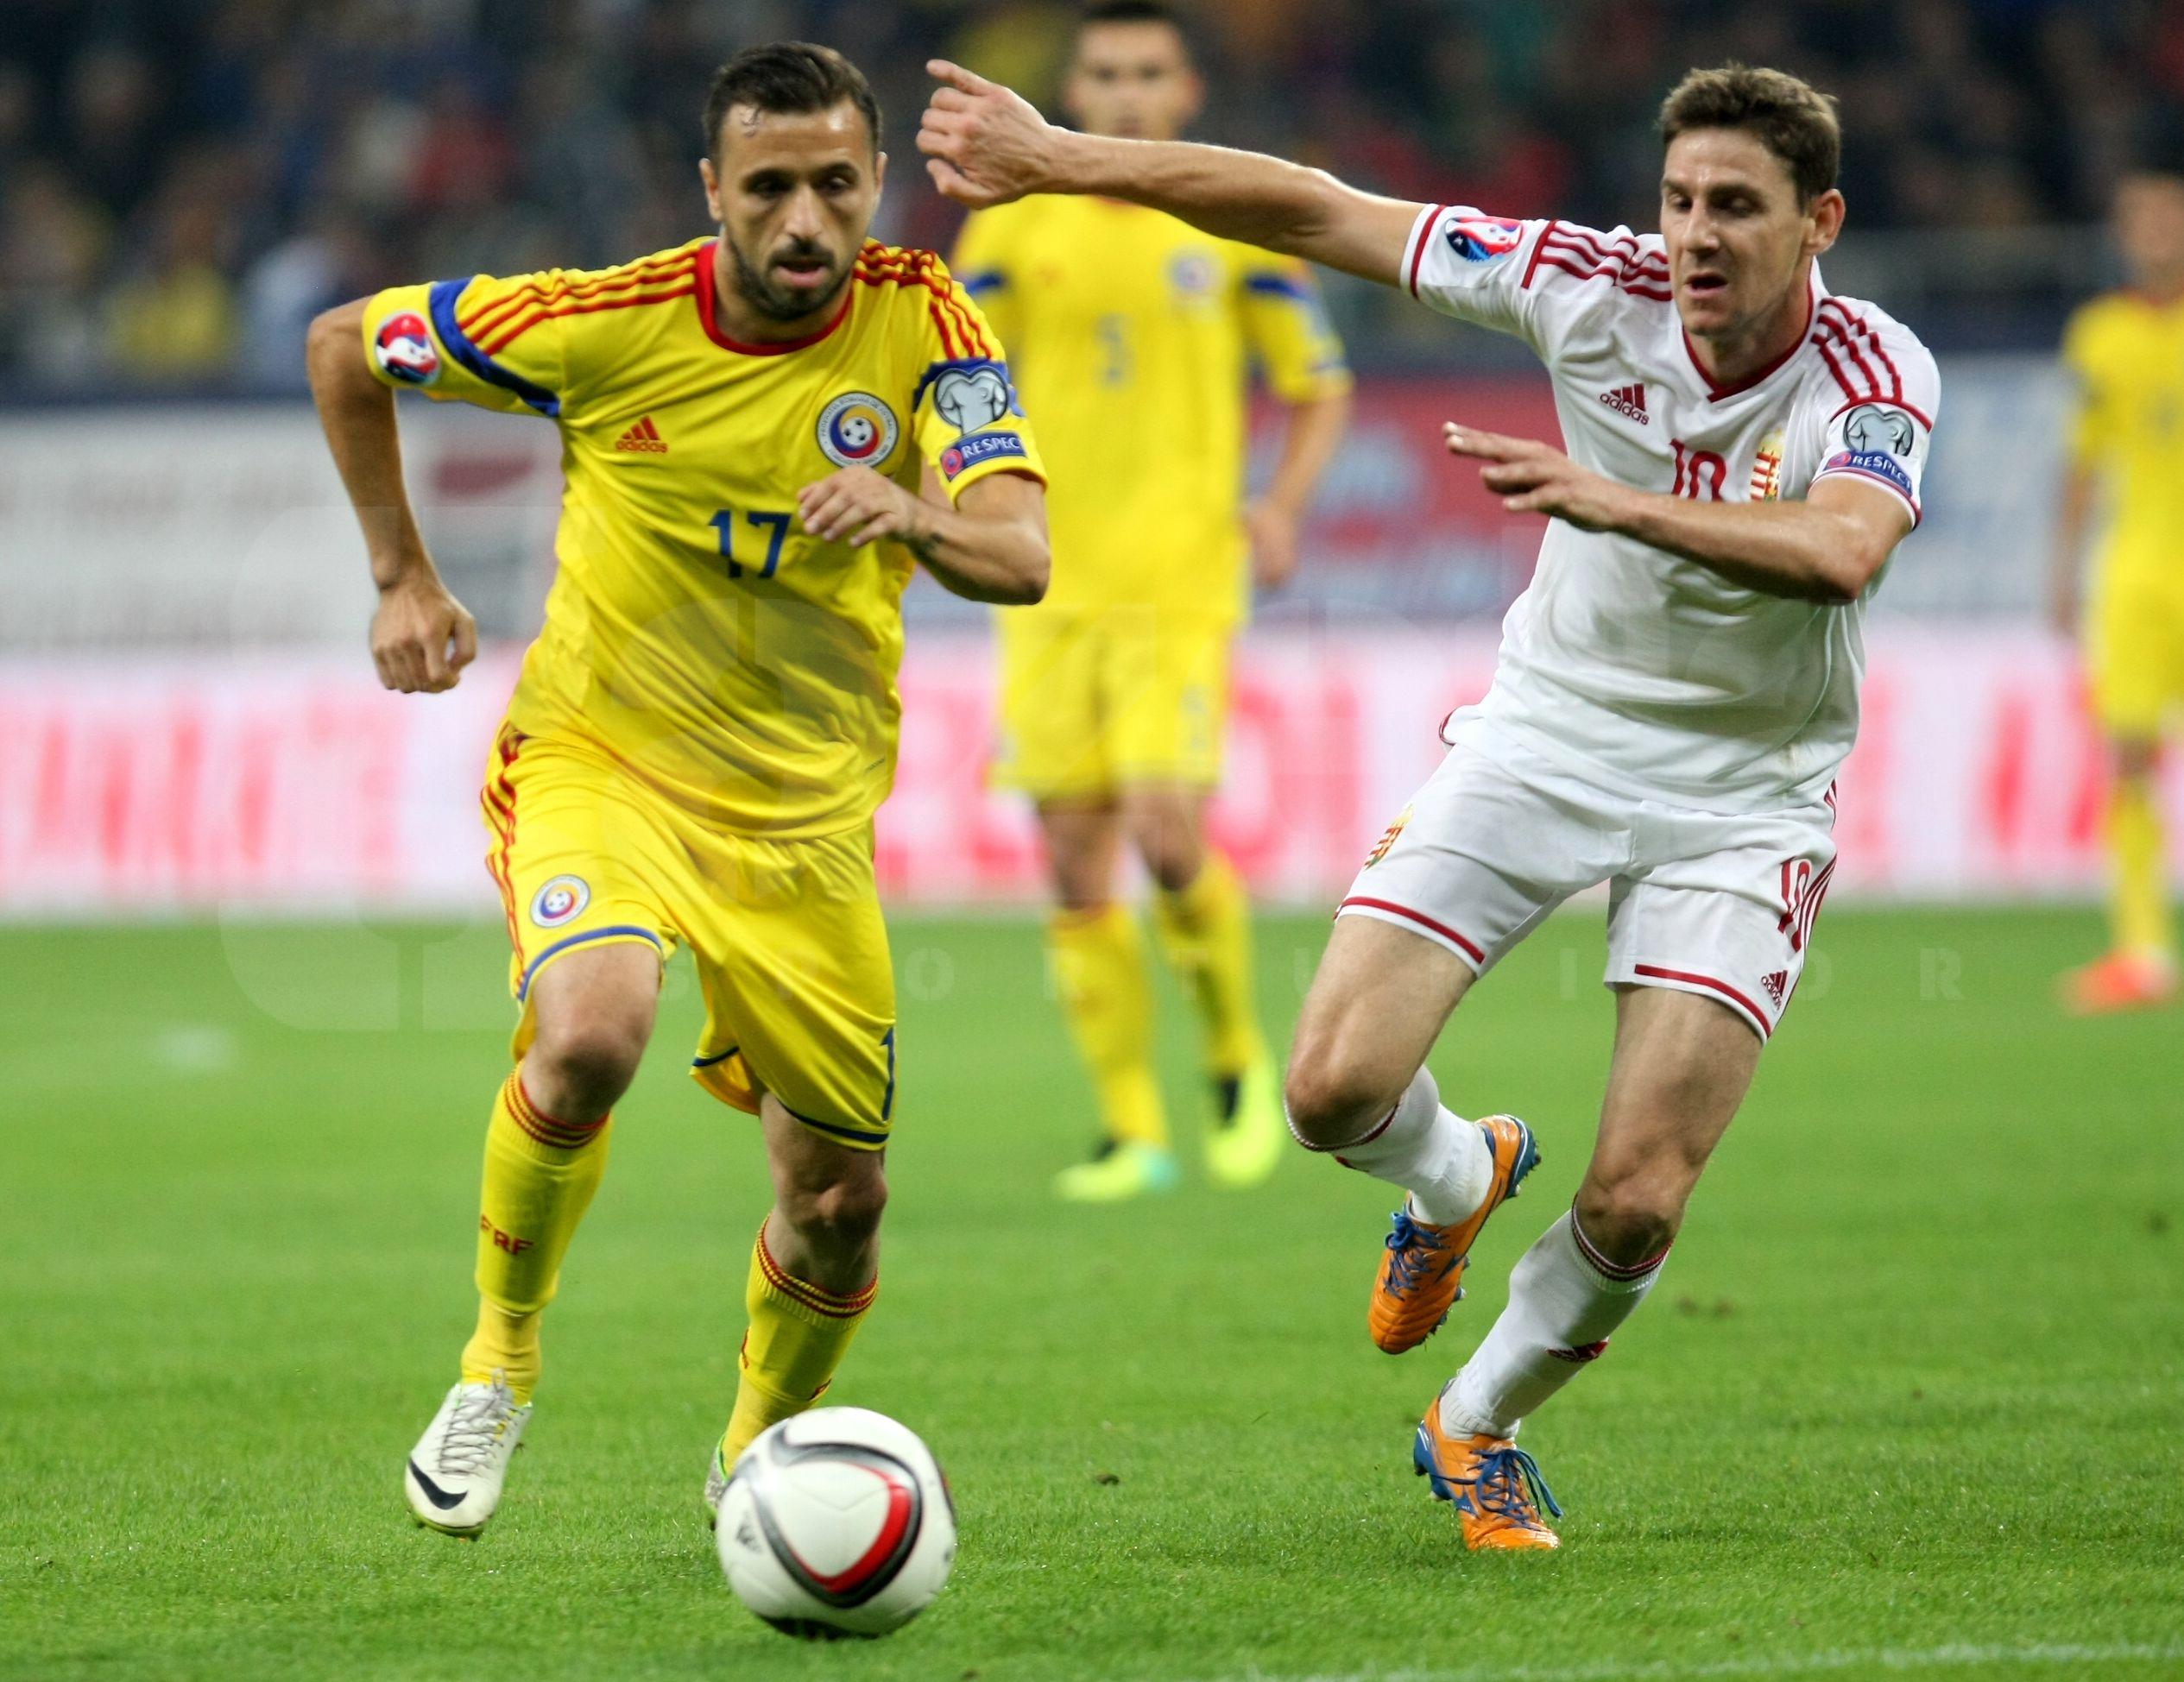 Echipa națională de fotbal a României va juca ultimul meci de pe teren propriu, din preliminariile EURO 2016, fără spectatori, a decis UEFA